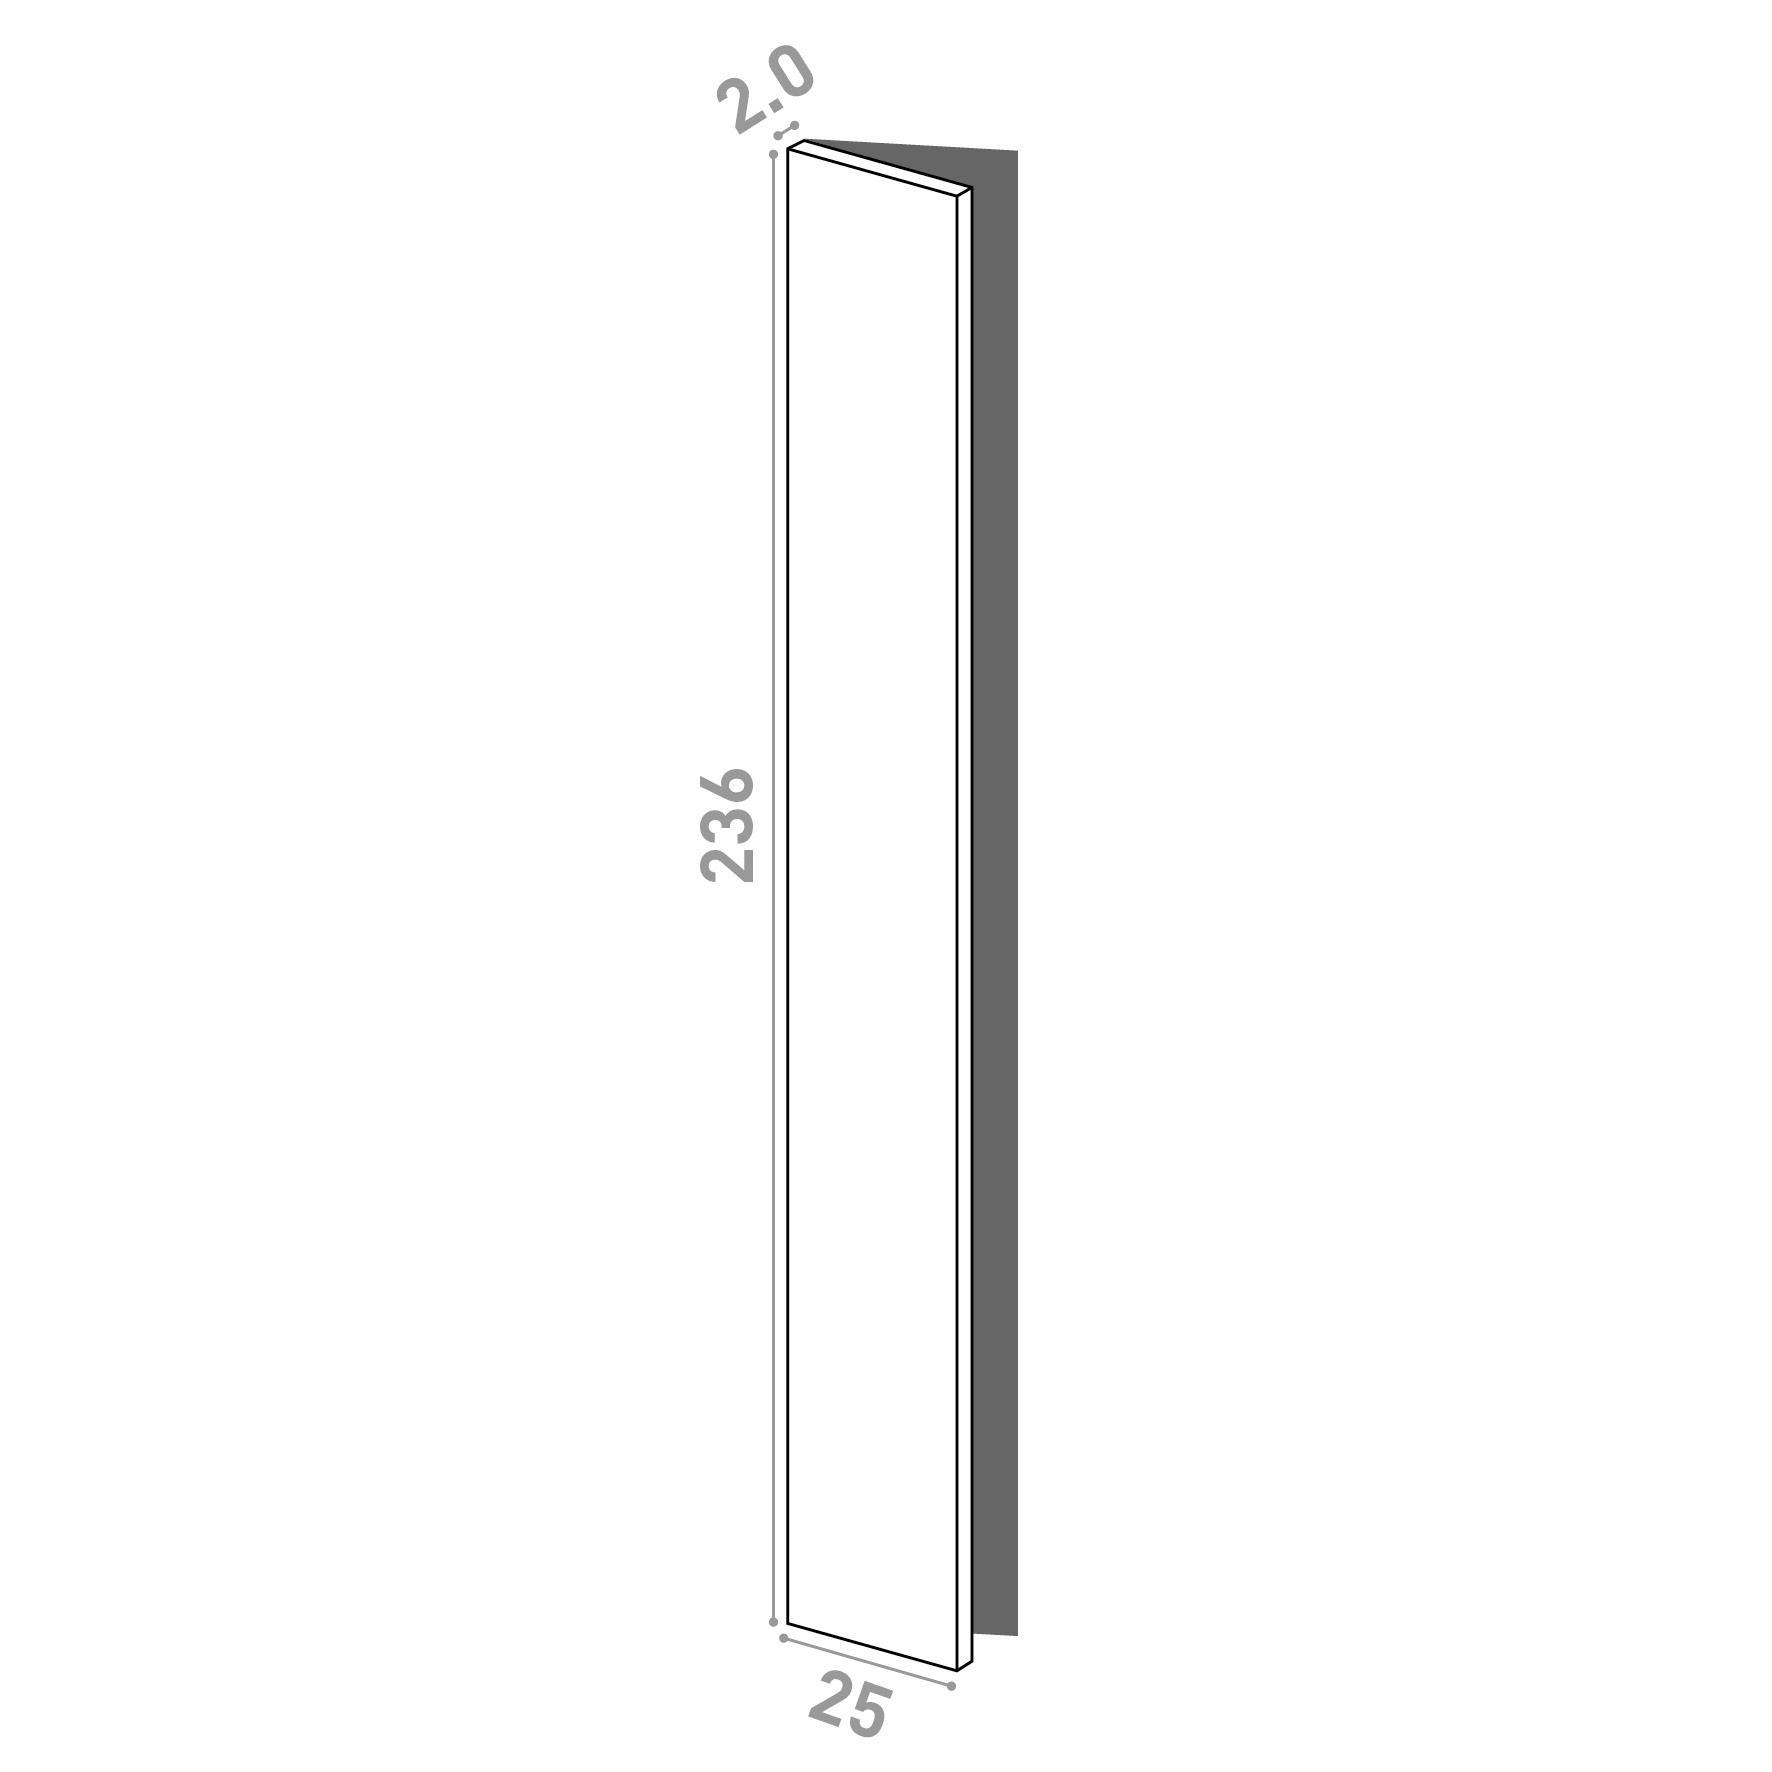 Porte 25x236cm - charnières à gauche | design lisse | noyer naturel